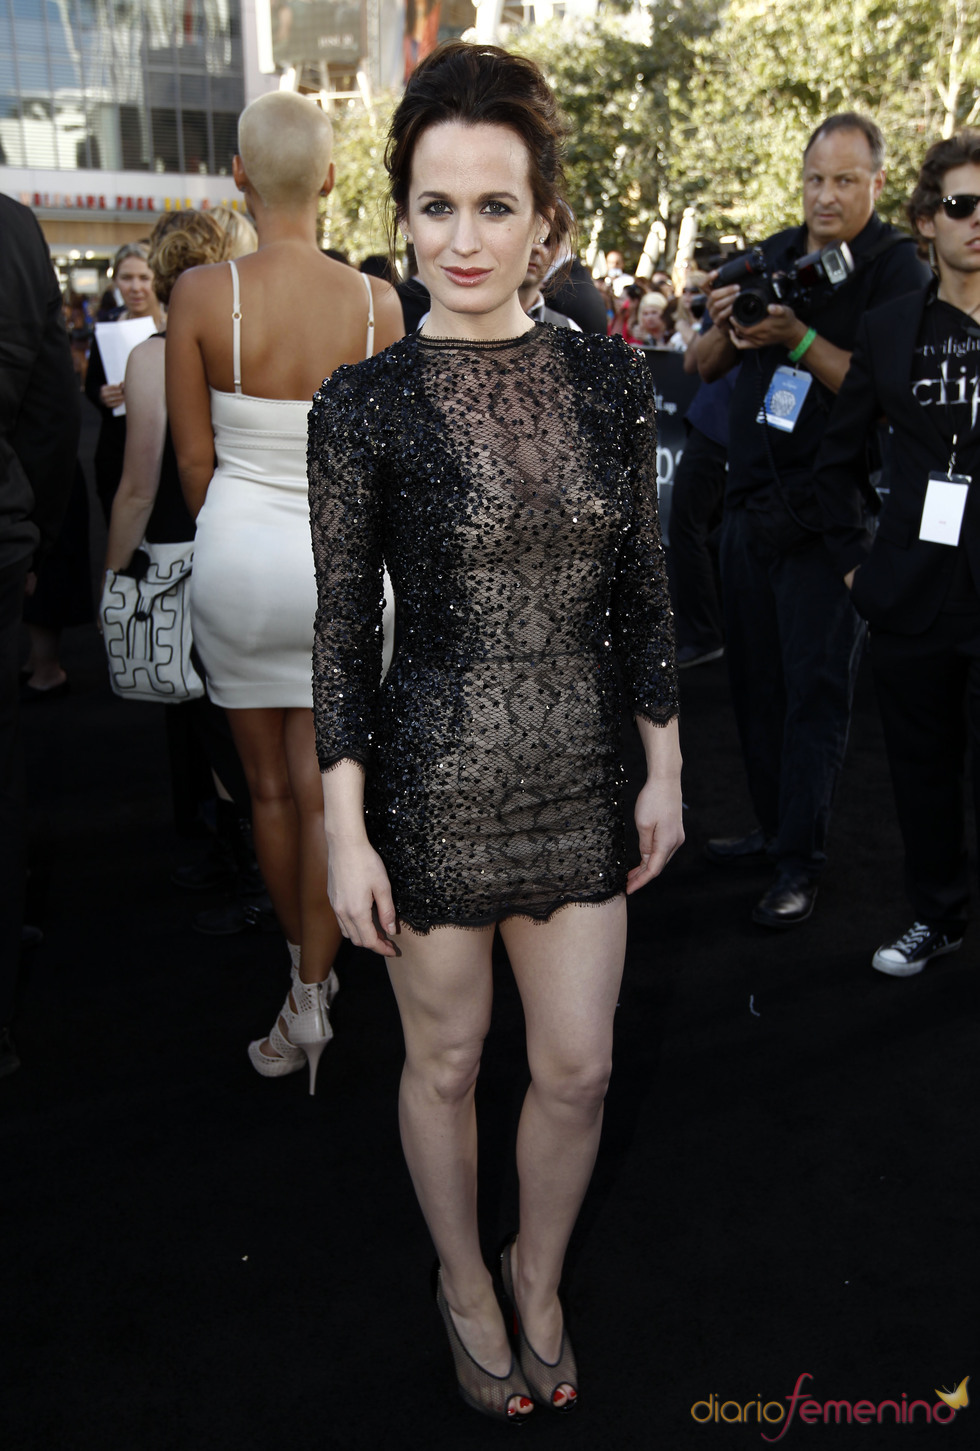 Elizabeth Reaser, en el estreno de 'Eclipse' en Los Ángeles